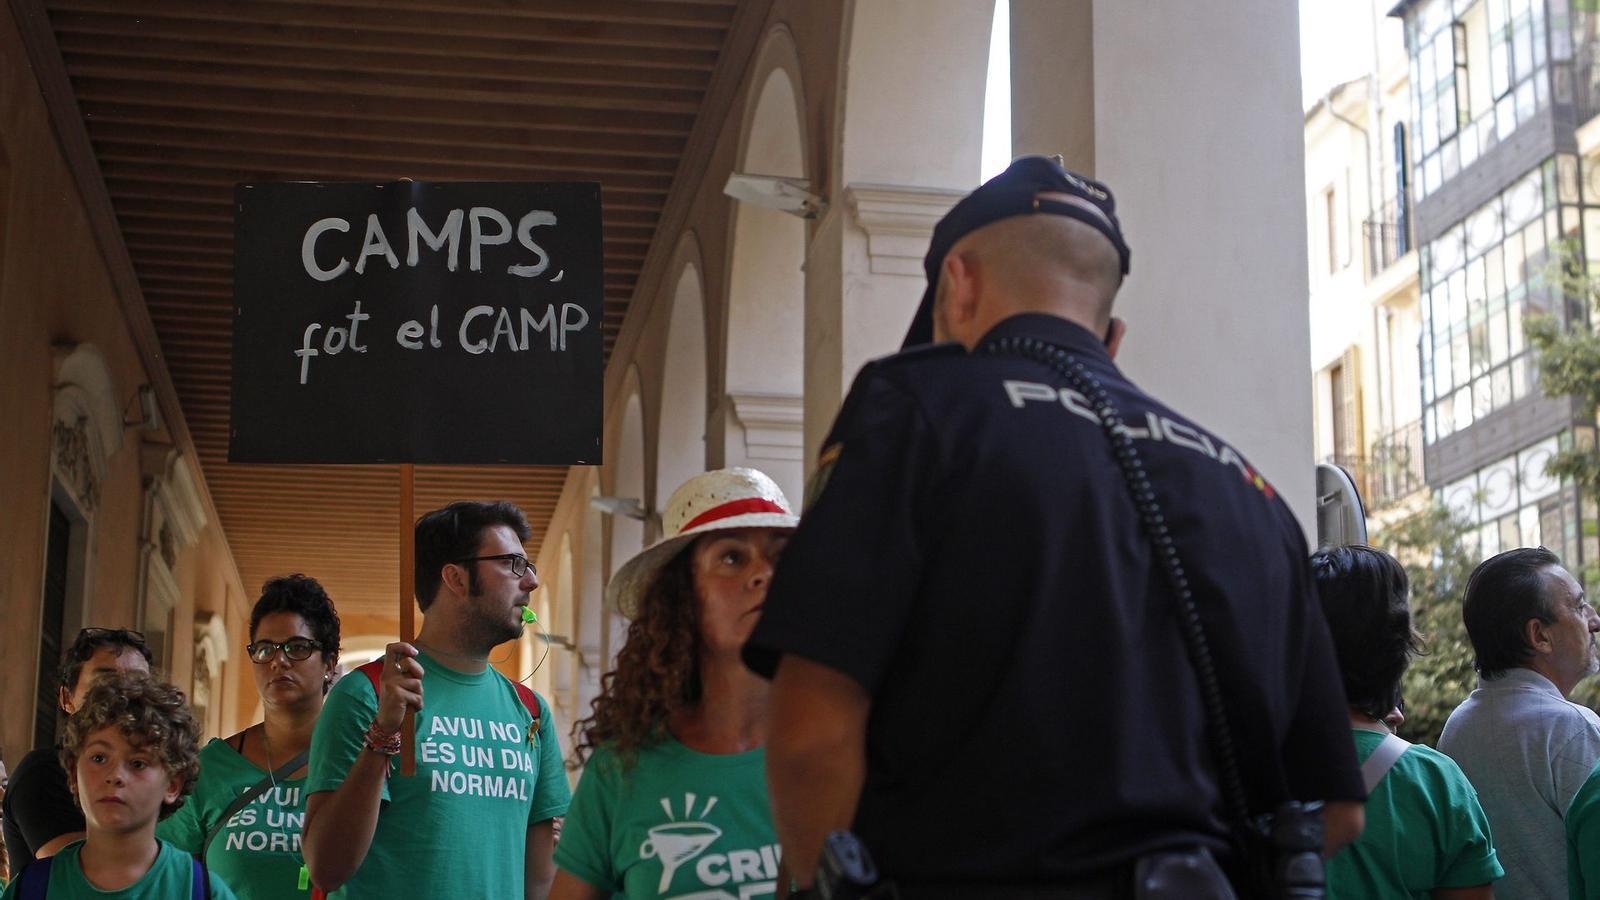 La marea verda és el major exponent dels darrers temps de l'activisme ciutadà.